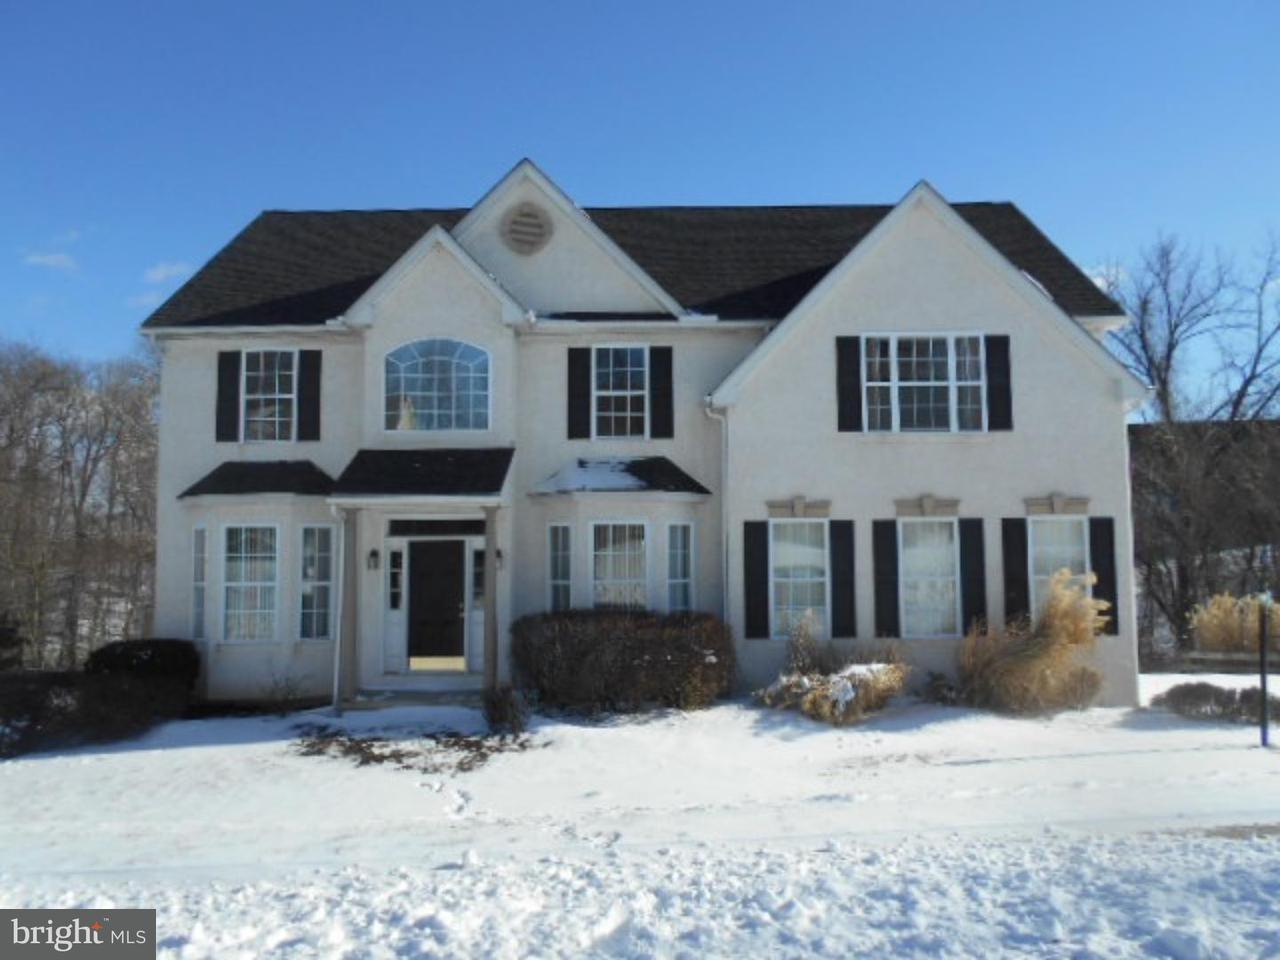 Single Family Home for Sale at 301 DREW Lane Aston, Pennsylvania 19014 United States